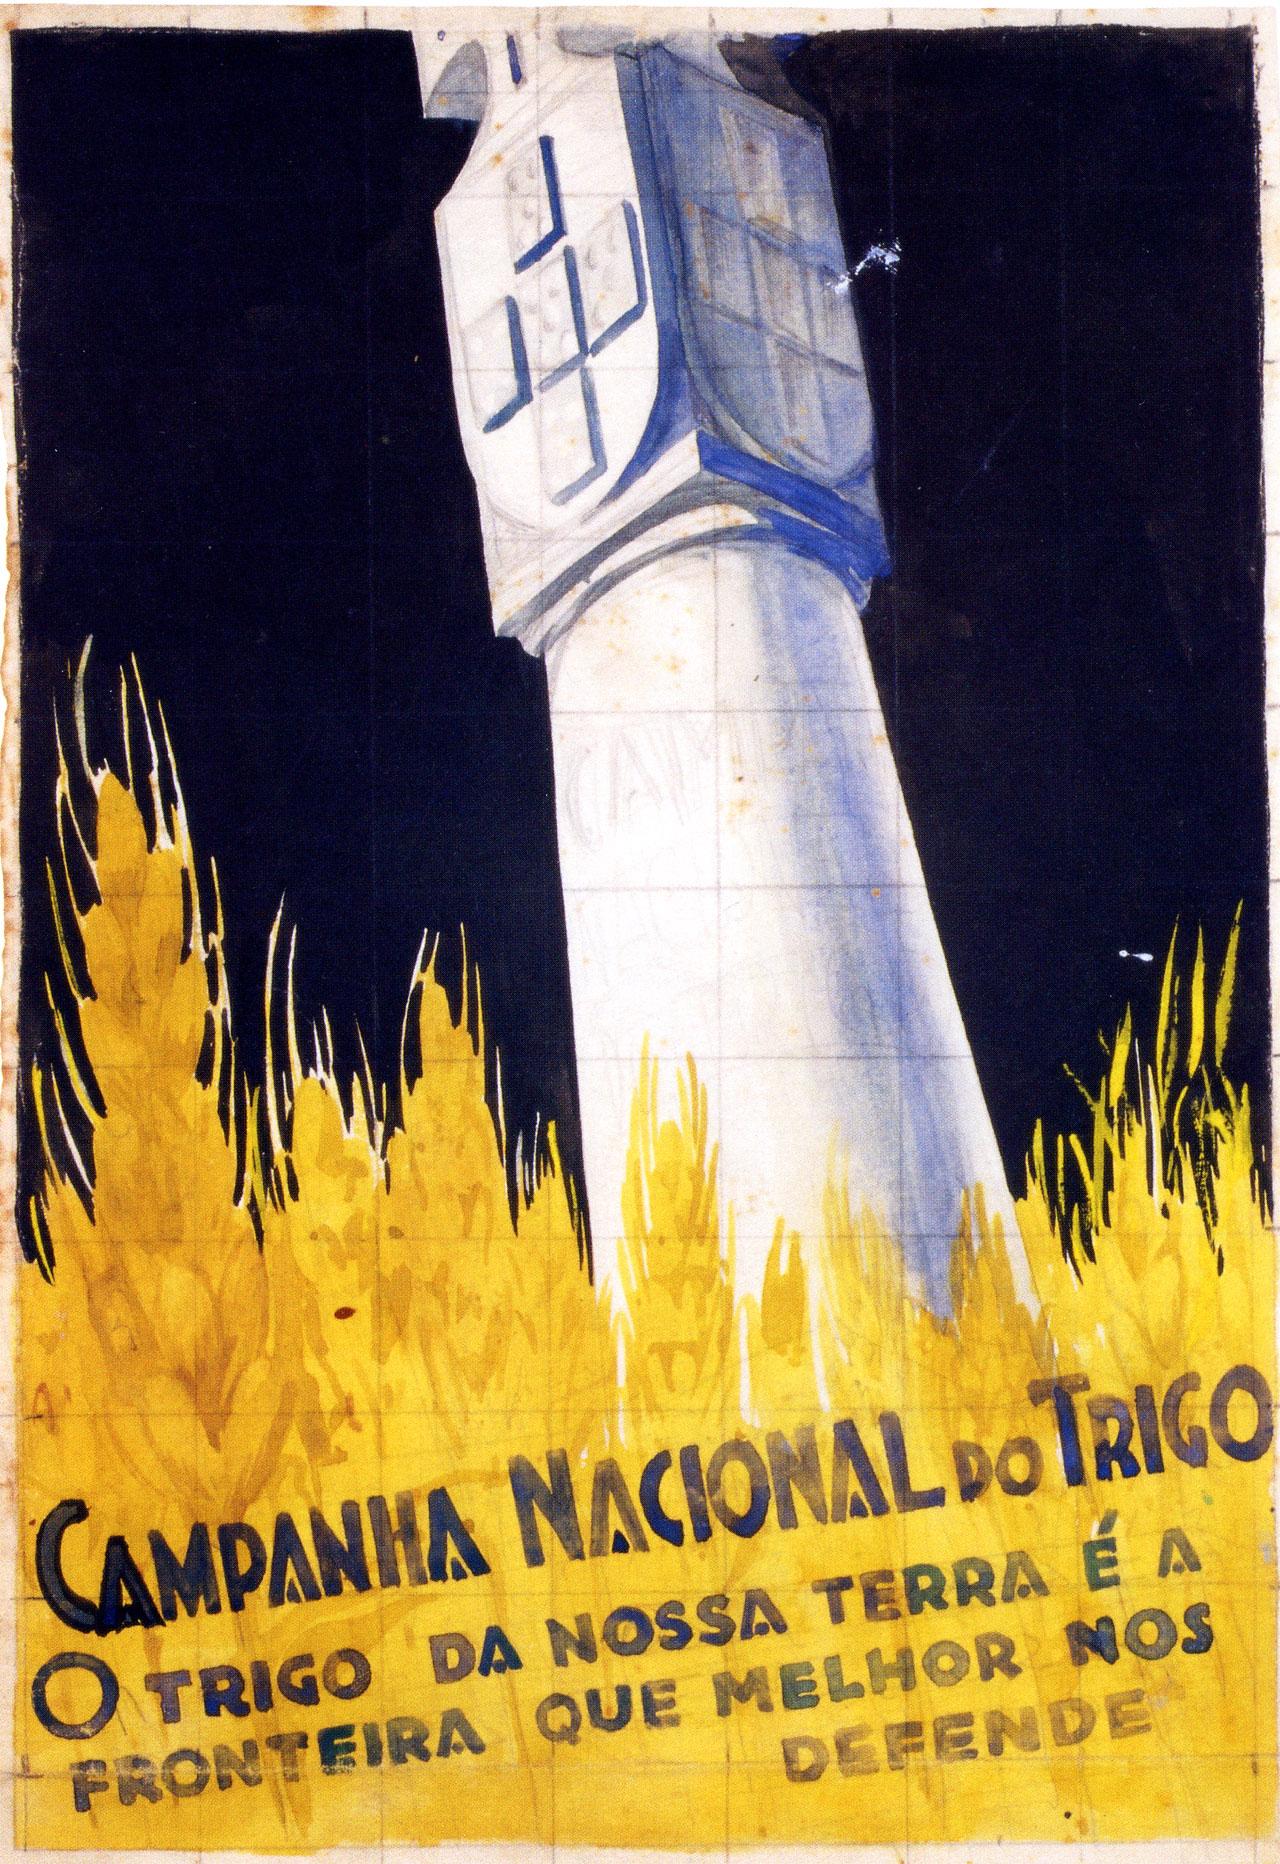 Campanha Nacional do Trigo